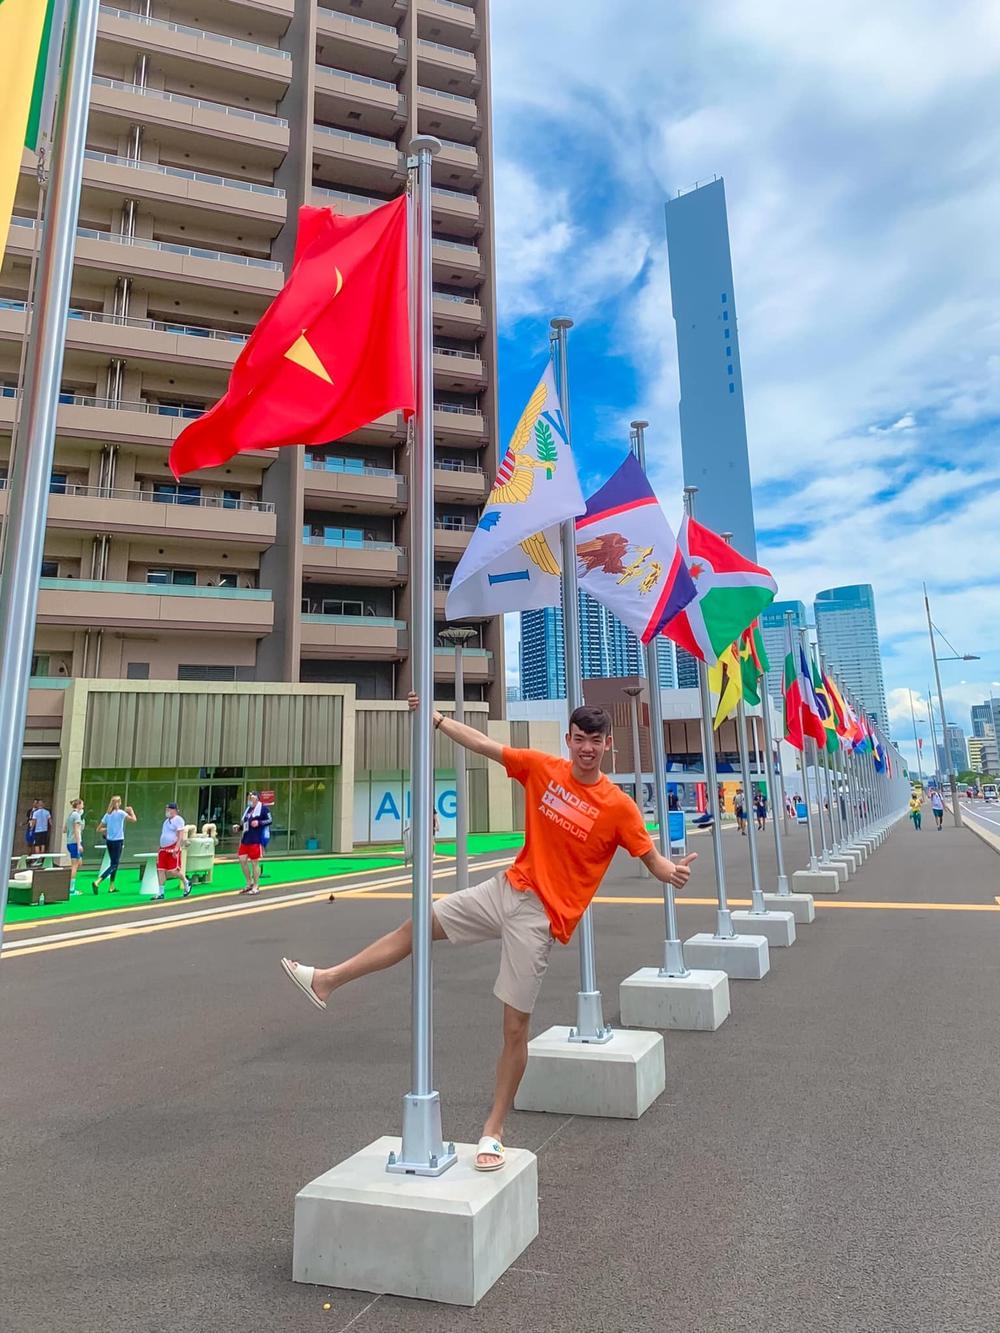 Kình ngư Huy Hoàng chia sẻ kỷ niệm khó quên ở Olympic Tokyo 2020 - Ảnh 2.